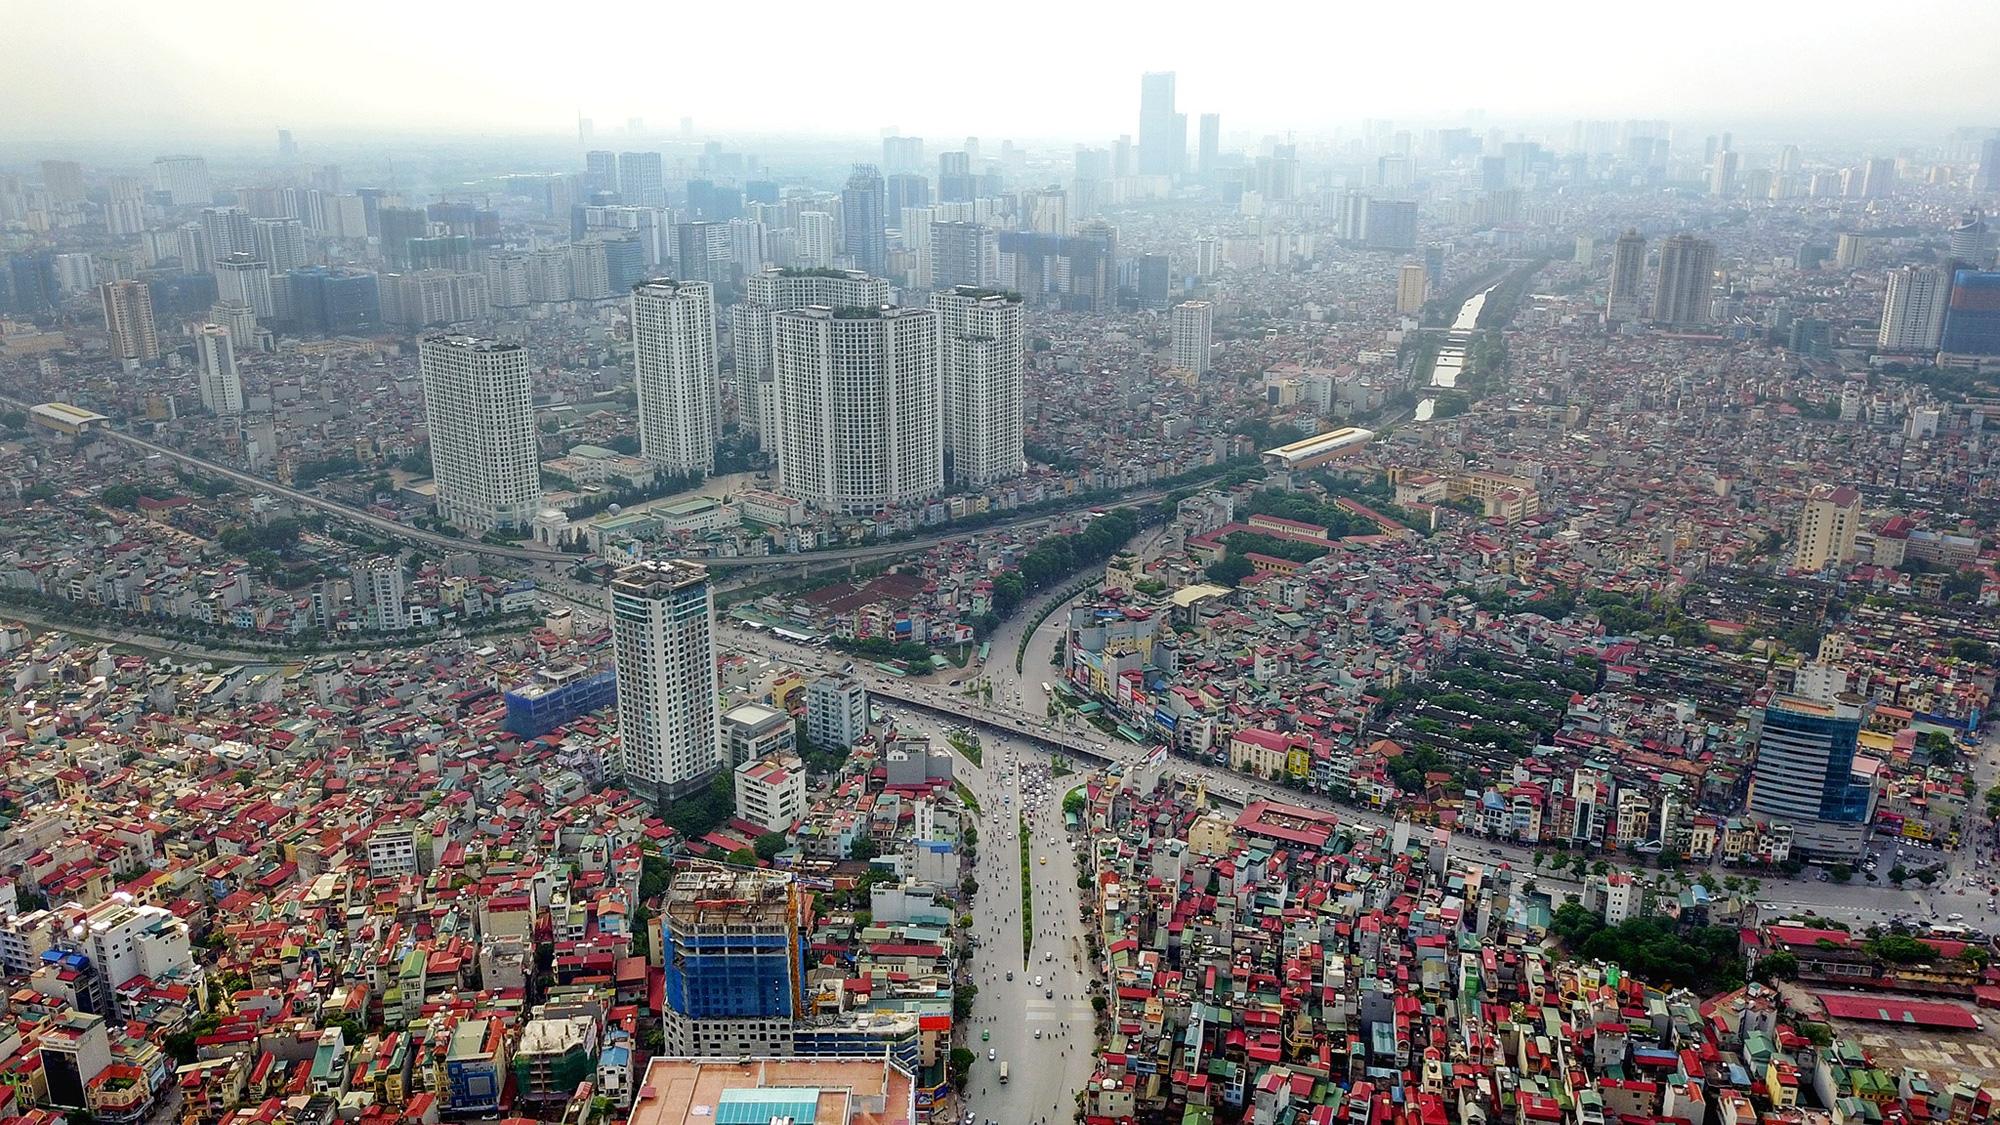 Hà Nội chốt giá đất cao nhất gần 190 triệu đồng/m2 - Ảnh 1.